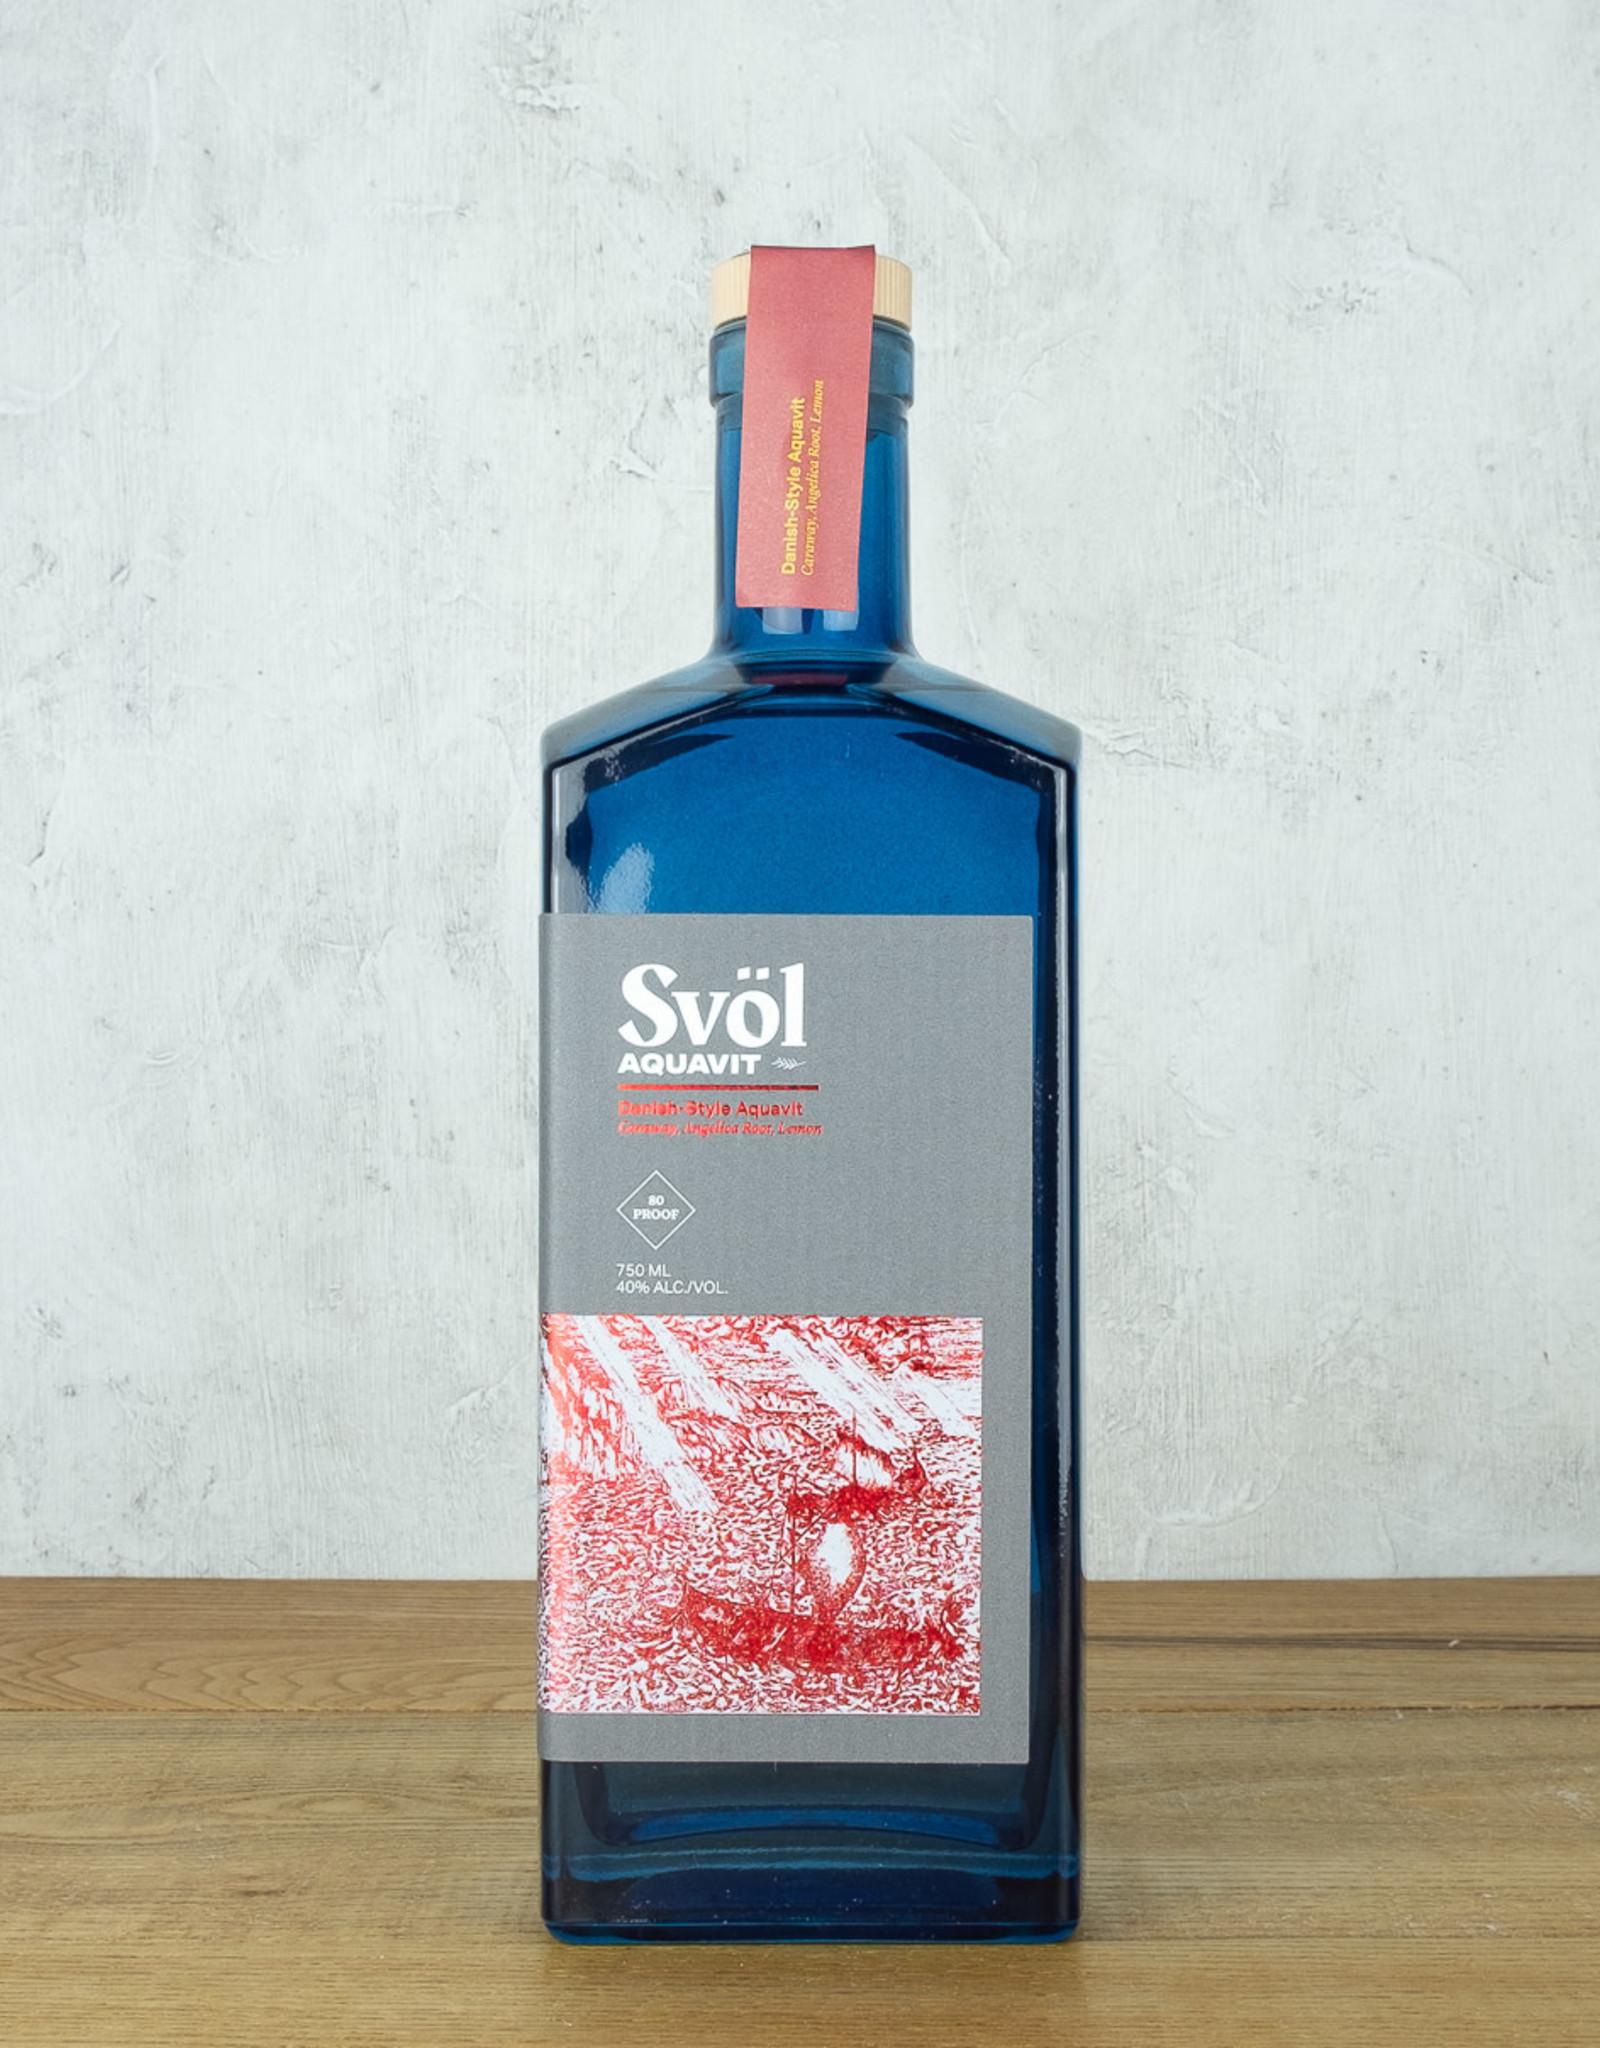 Svol Aquavit